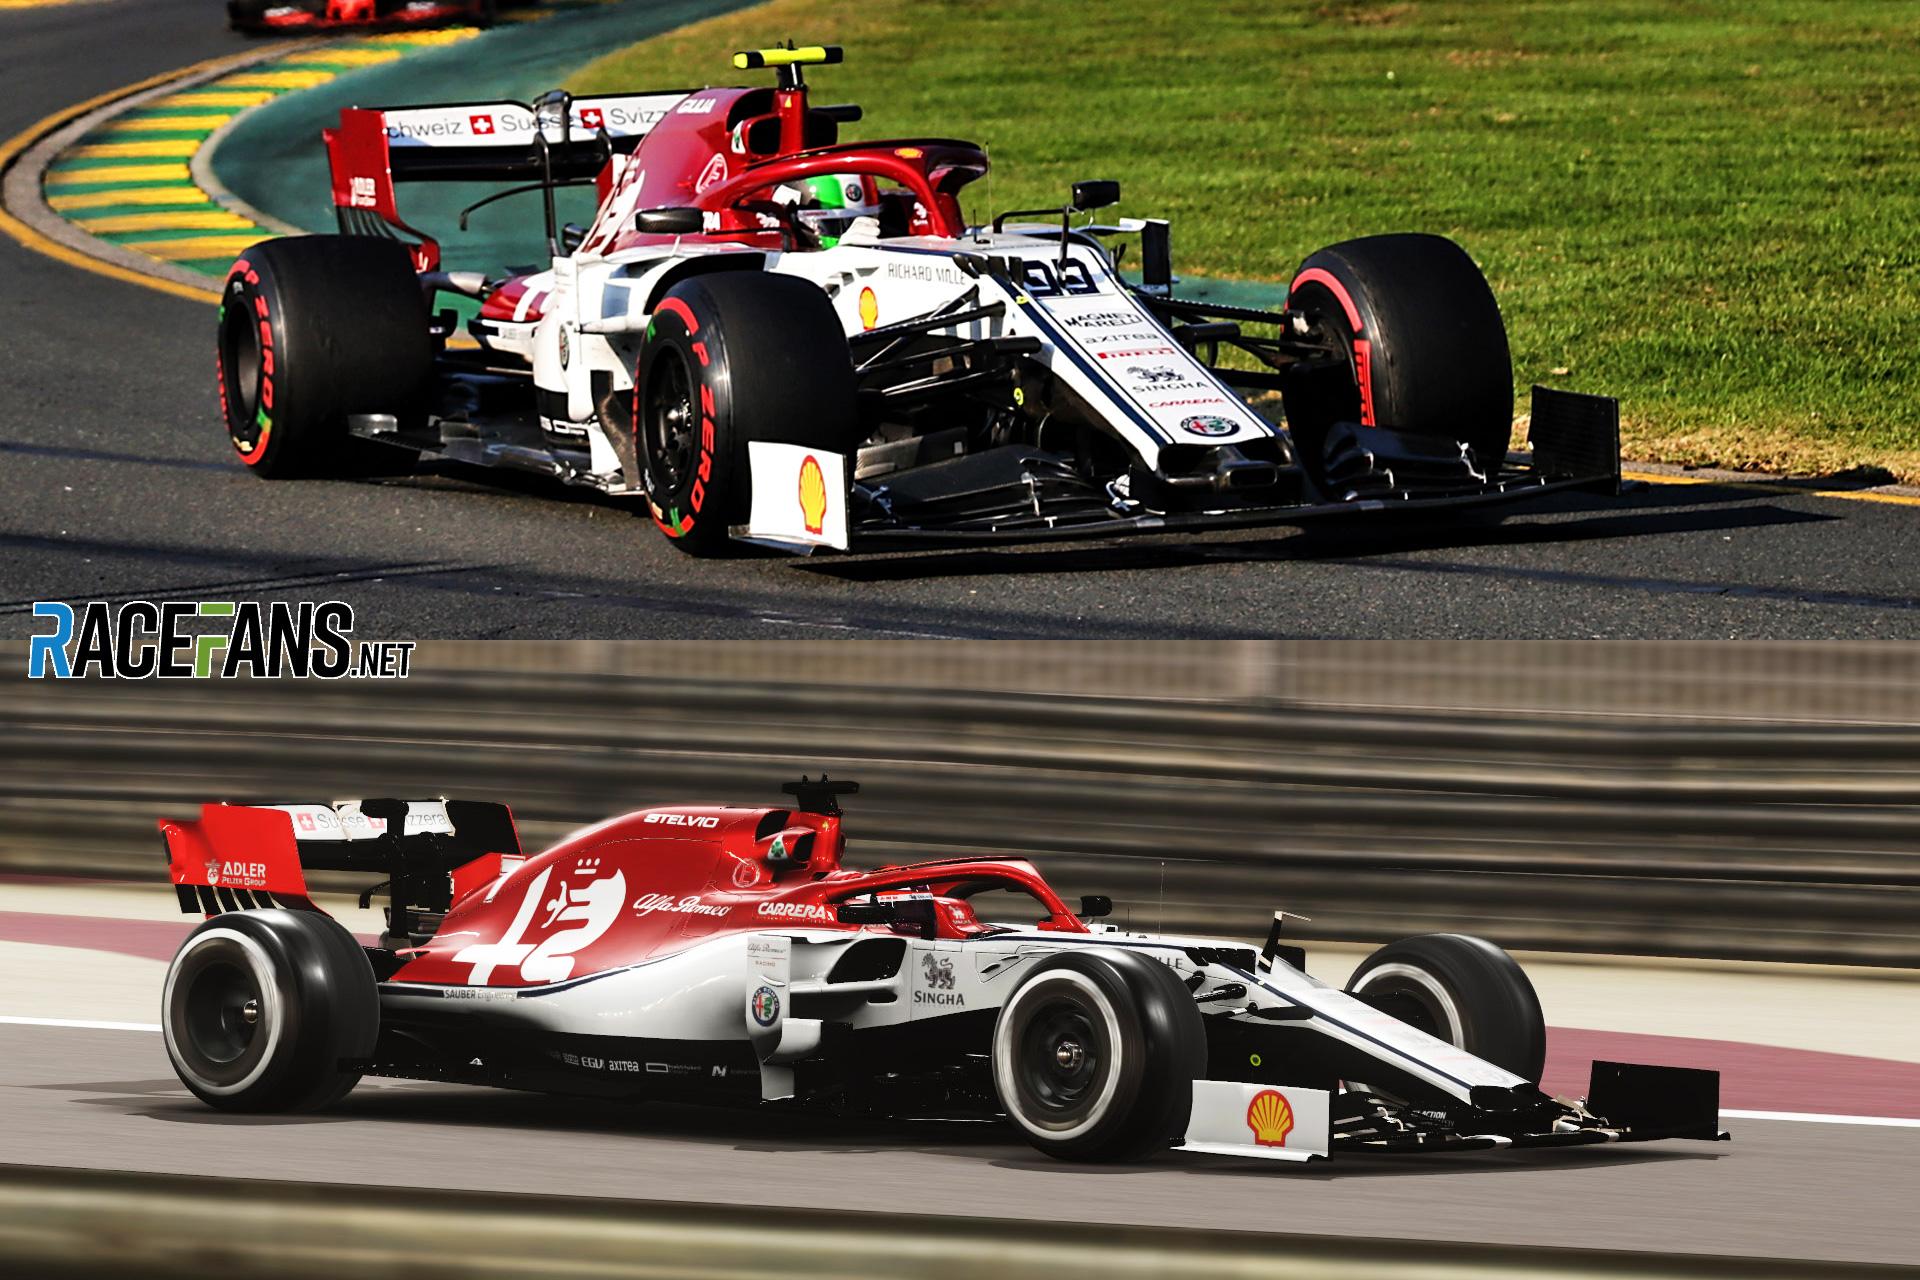 F1 2019 car comparison